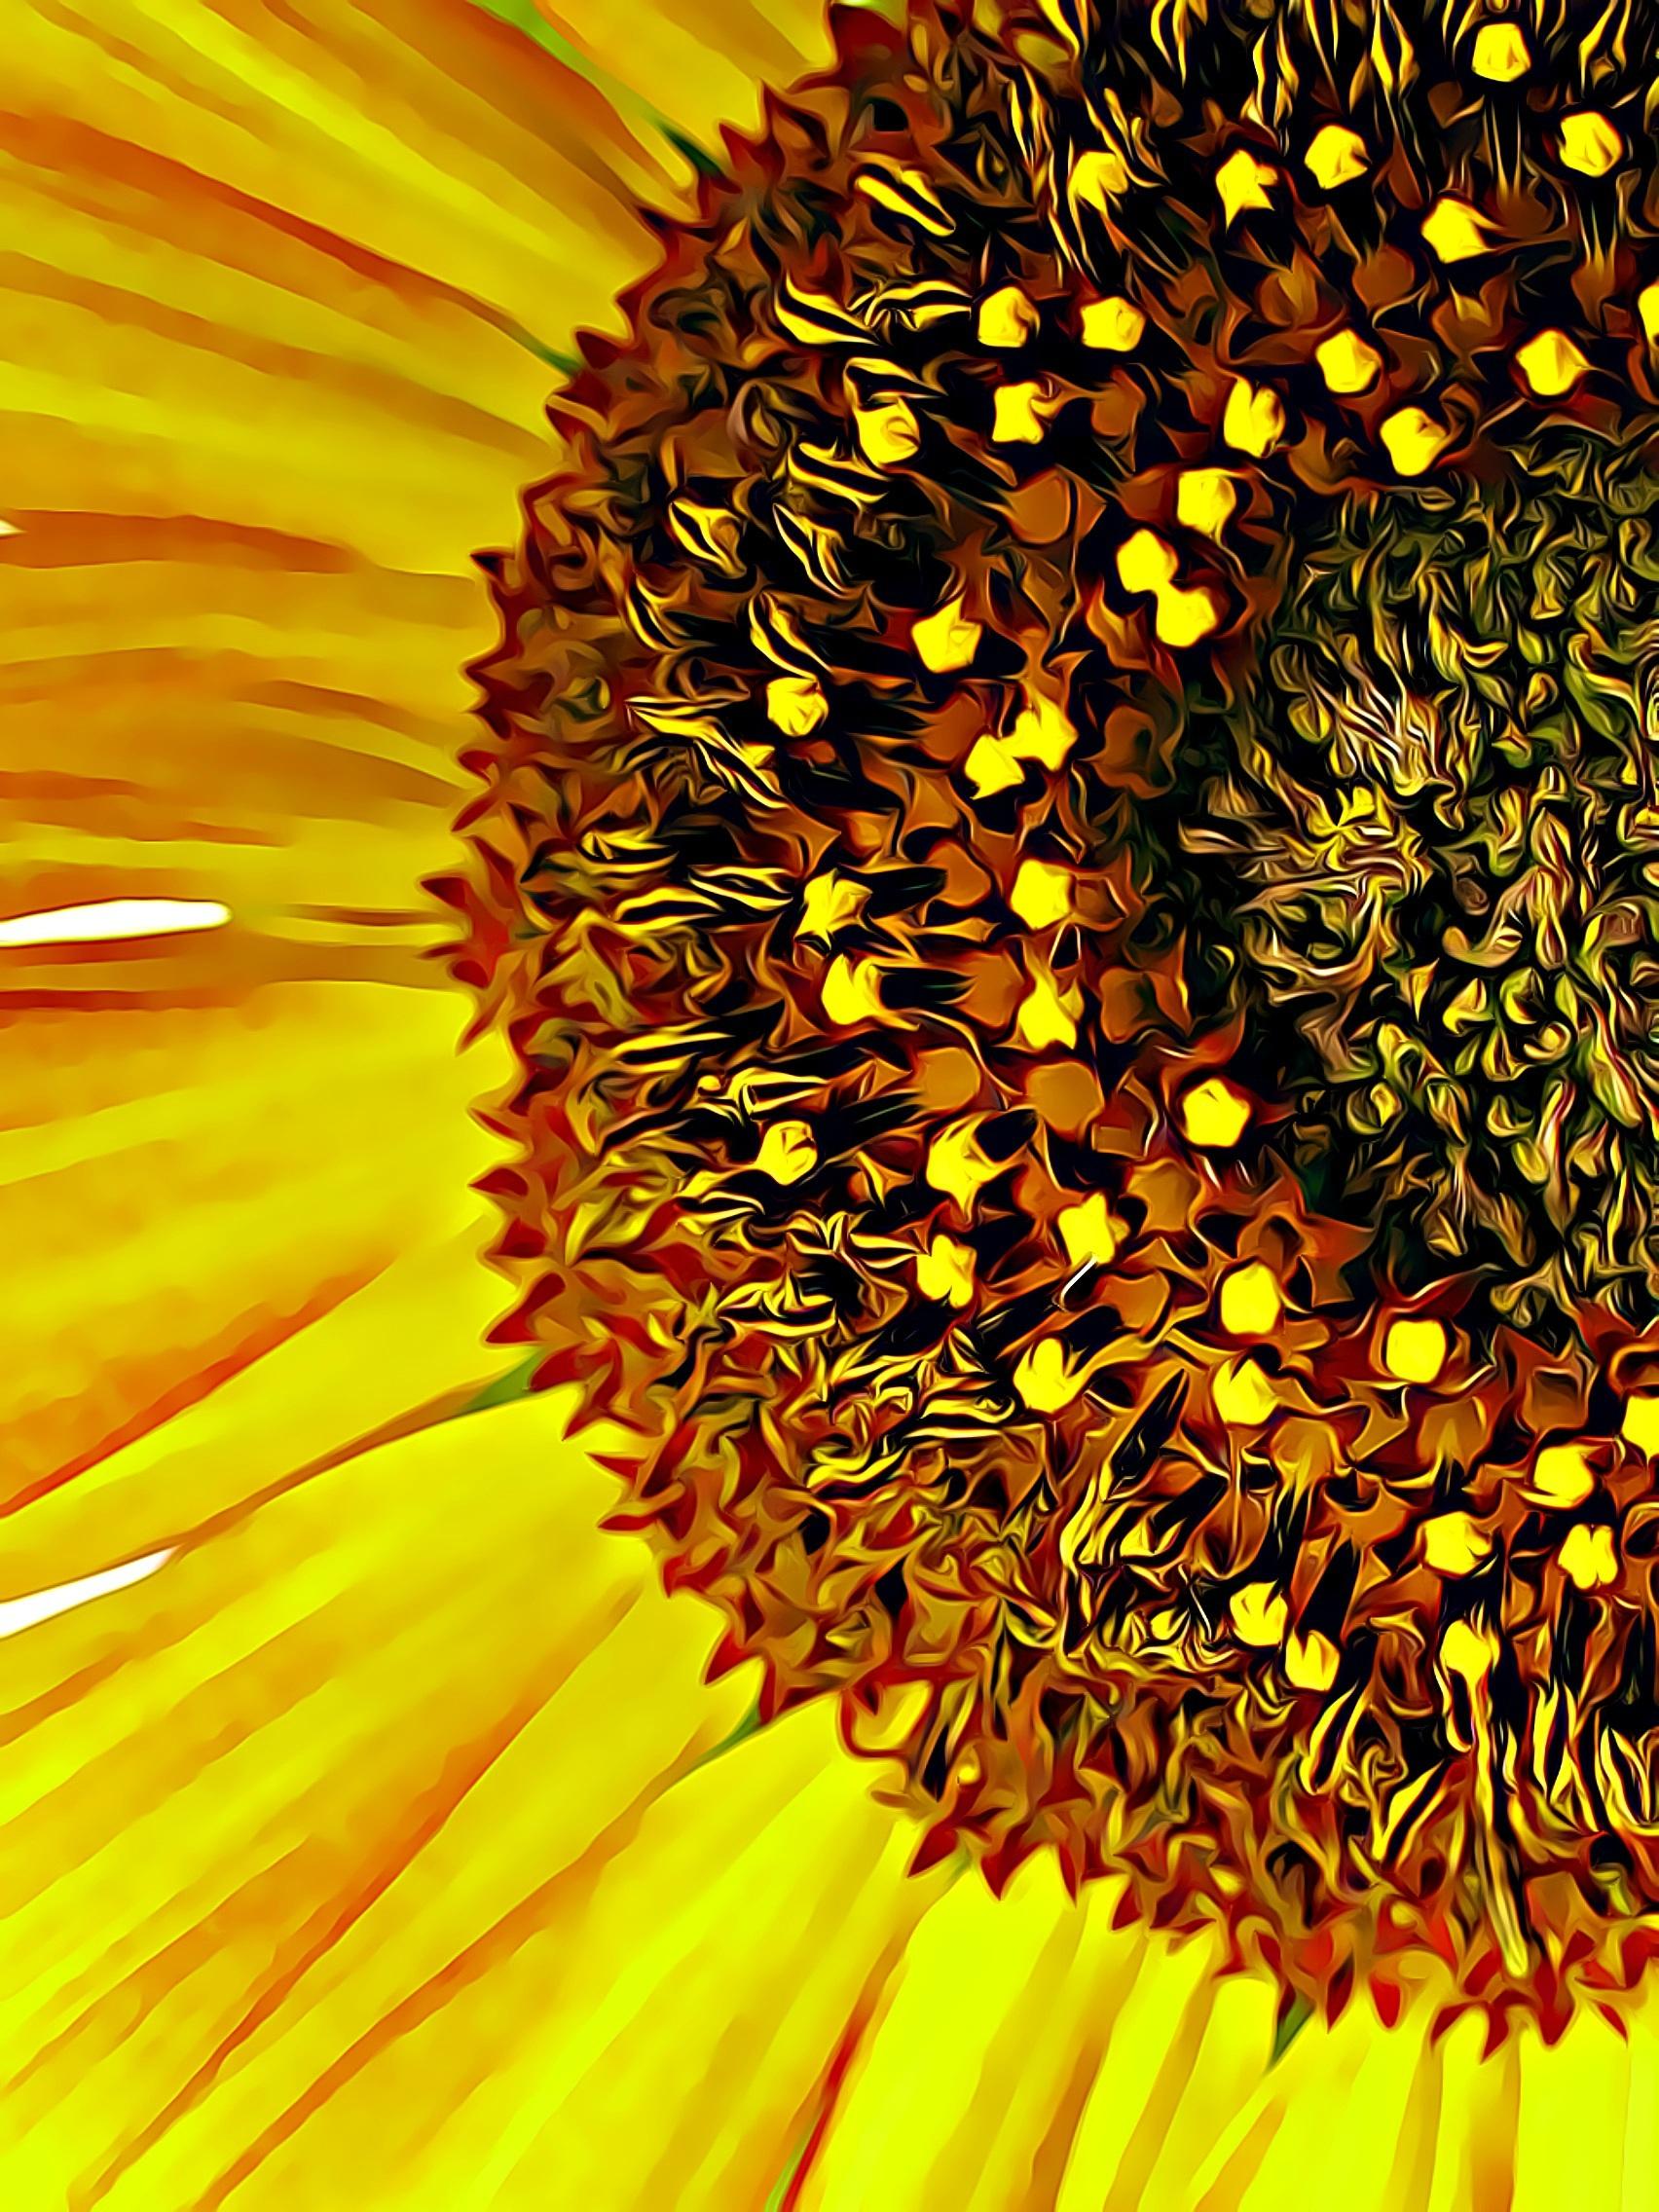 Free images sunflower stamen pistil summer flowers summer sunflower stamen flower pistil summer flowers plants summer plants plant yellow flower mightylinksfo